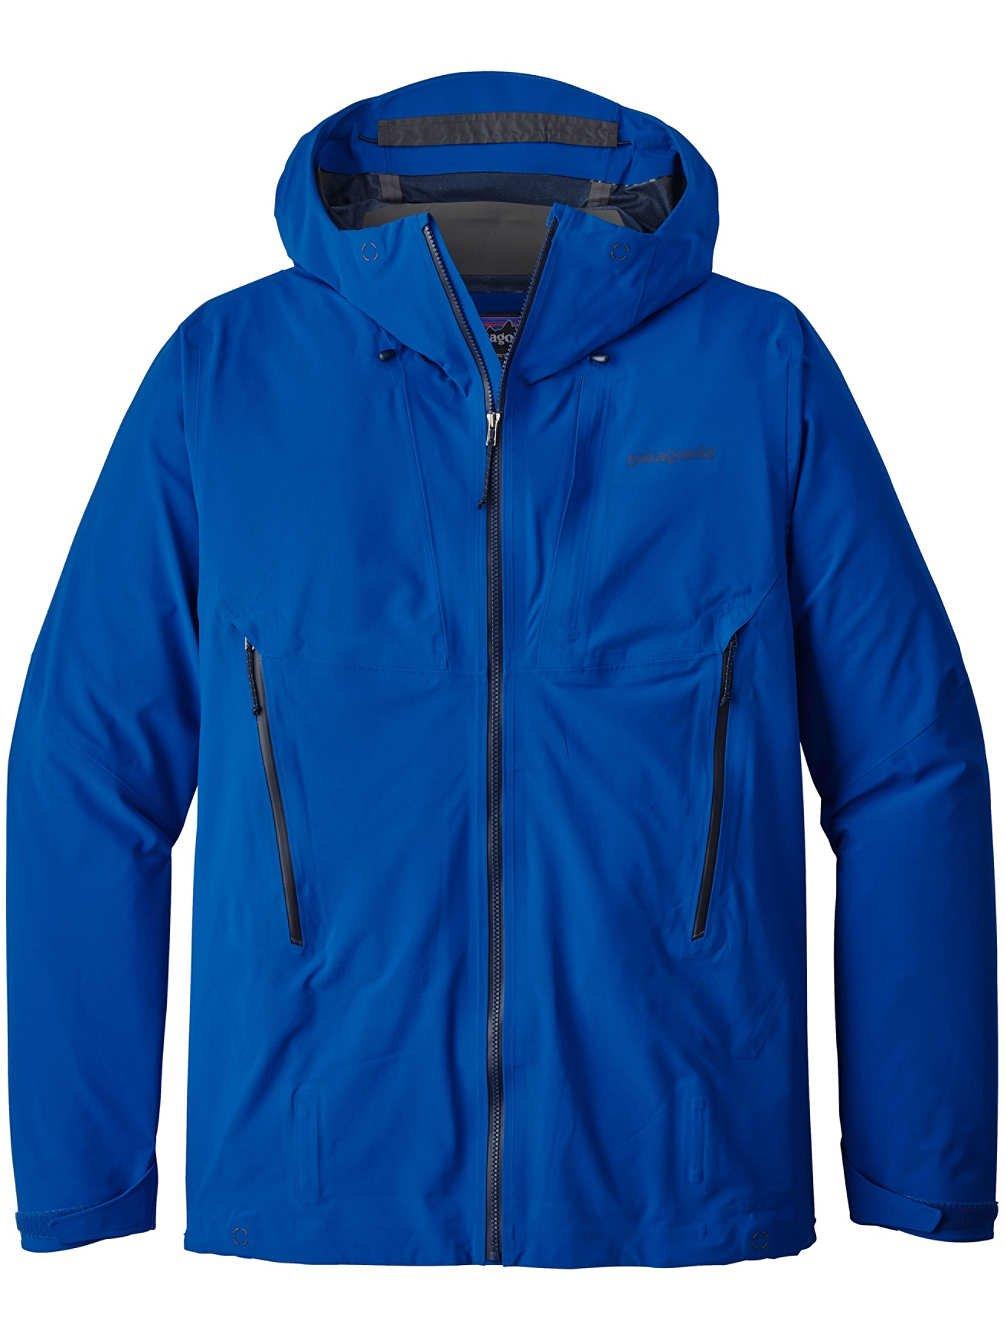 (パタゴニア)patagonia M's Galvanized Jacket ガルヴァナイズドジャケット 83145 B073RN6PBB US XS-(日本サイズS相当)|Viking Blue (VIK) Viking Blue (VIK) US XS-(日本サイズS相当)